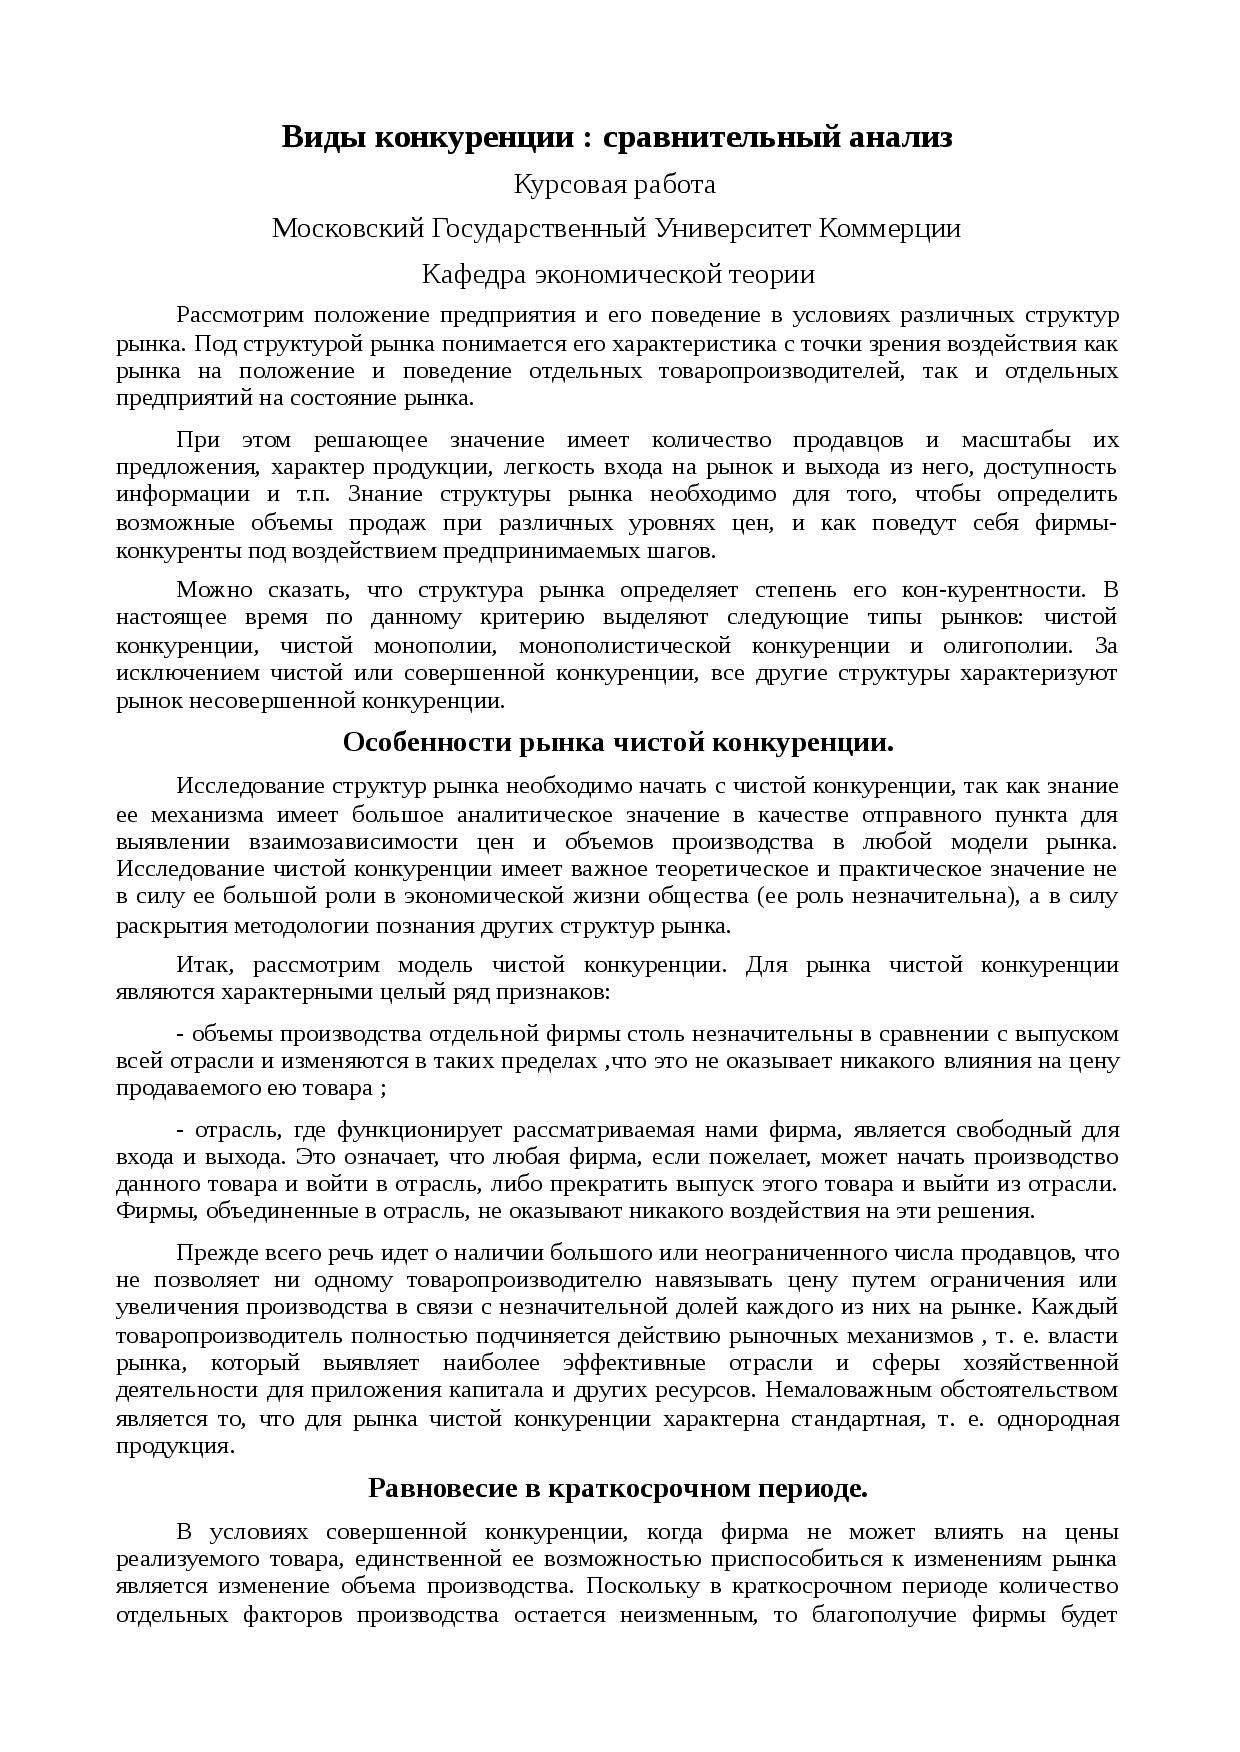 Рынок монополии и монополистическая конкуренция - discovered